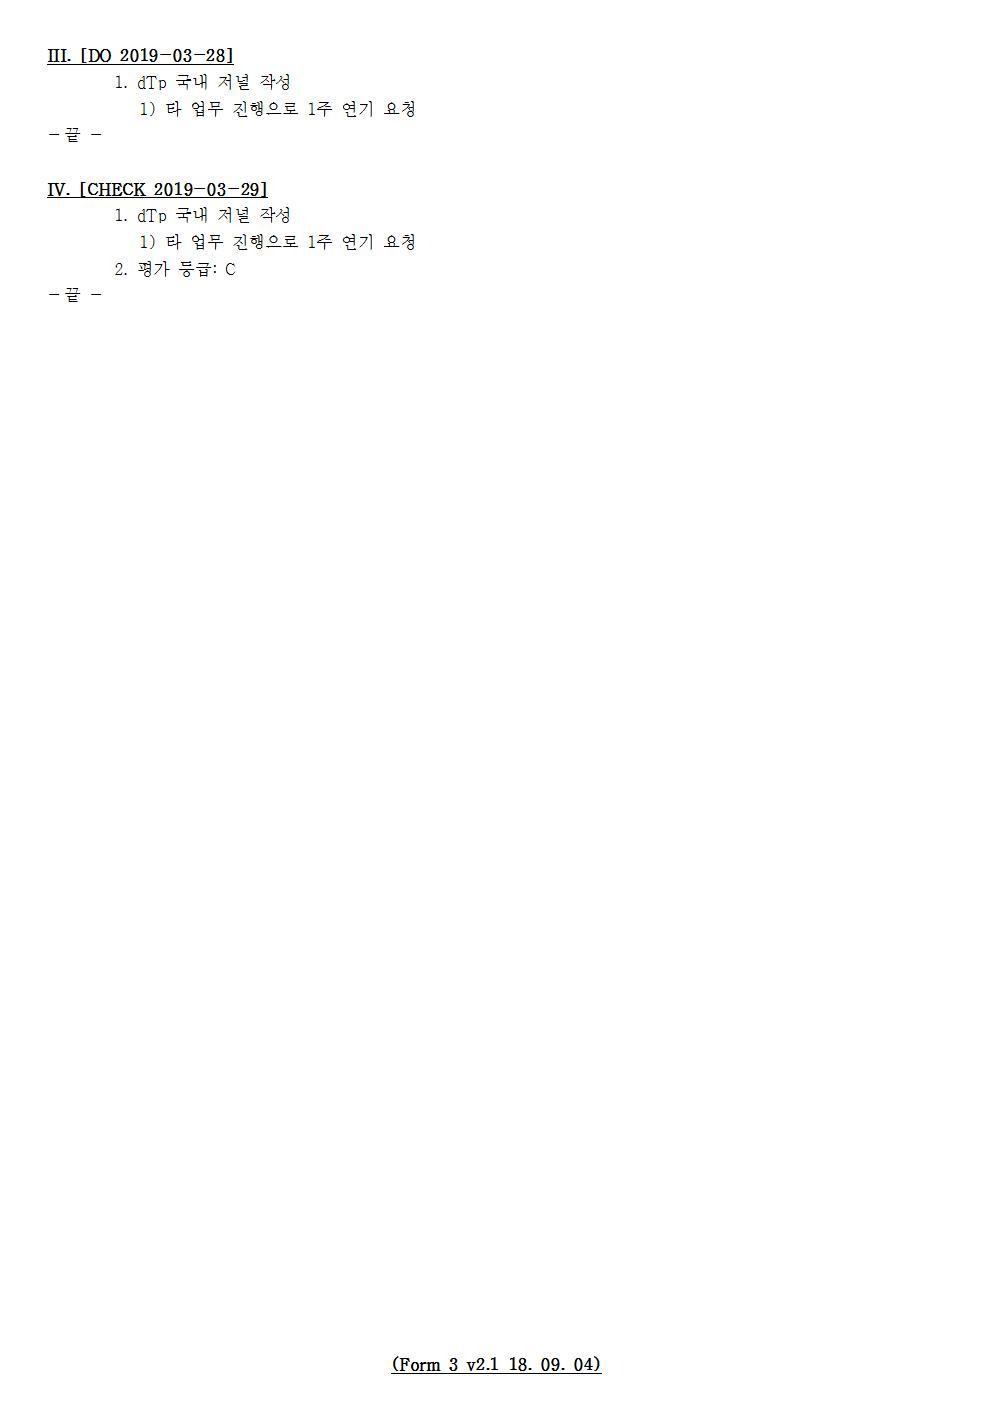 D-[19-012-PP-04]-[dTp-국내]-[2019-03-29][JS]002.jpg